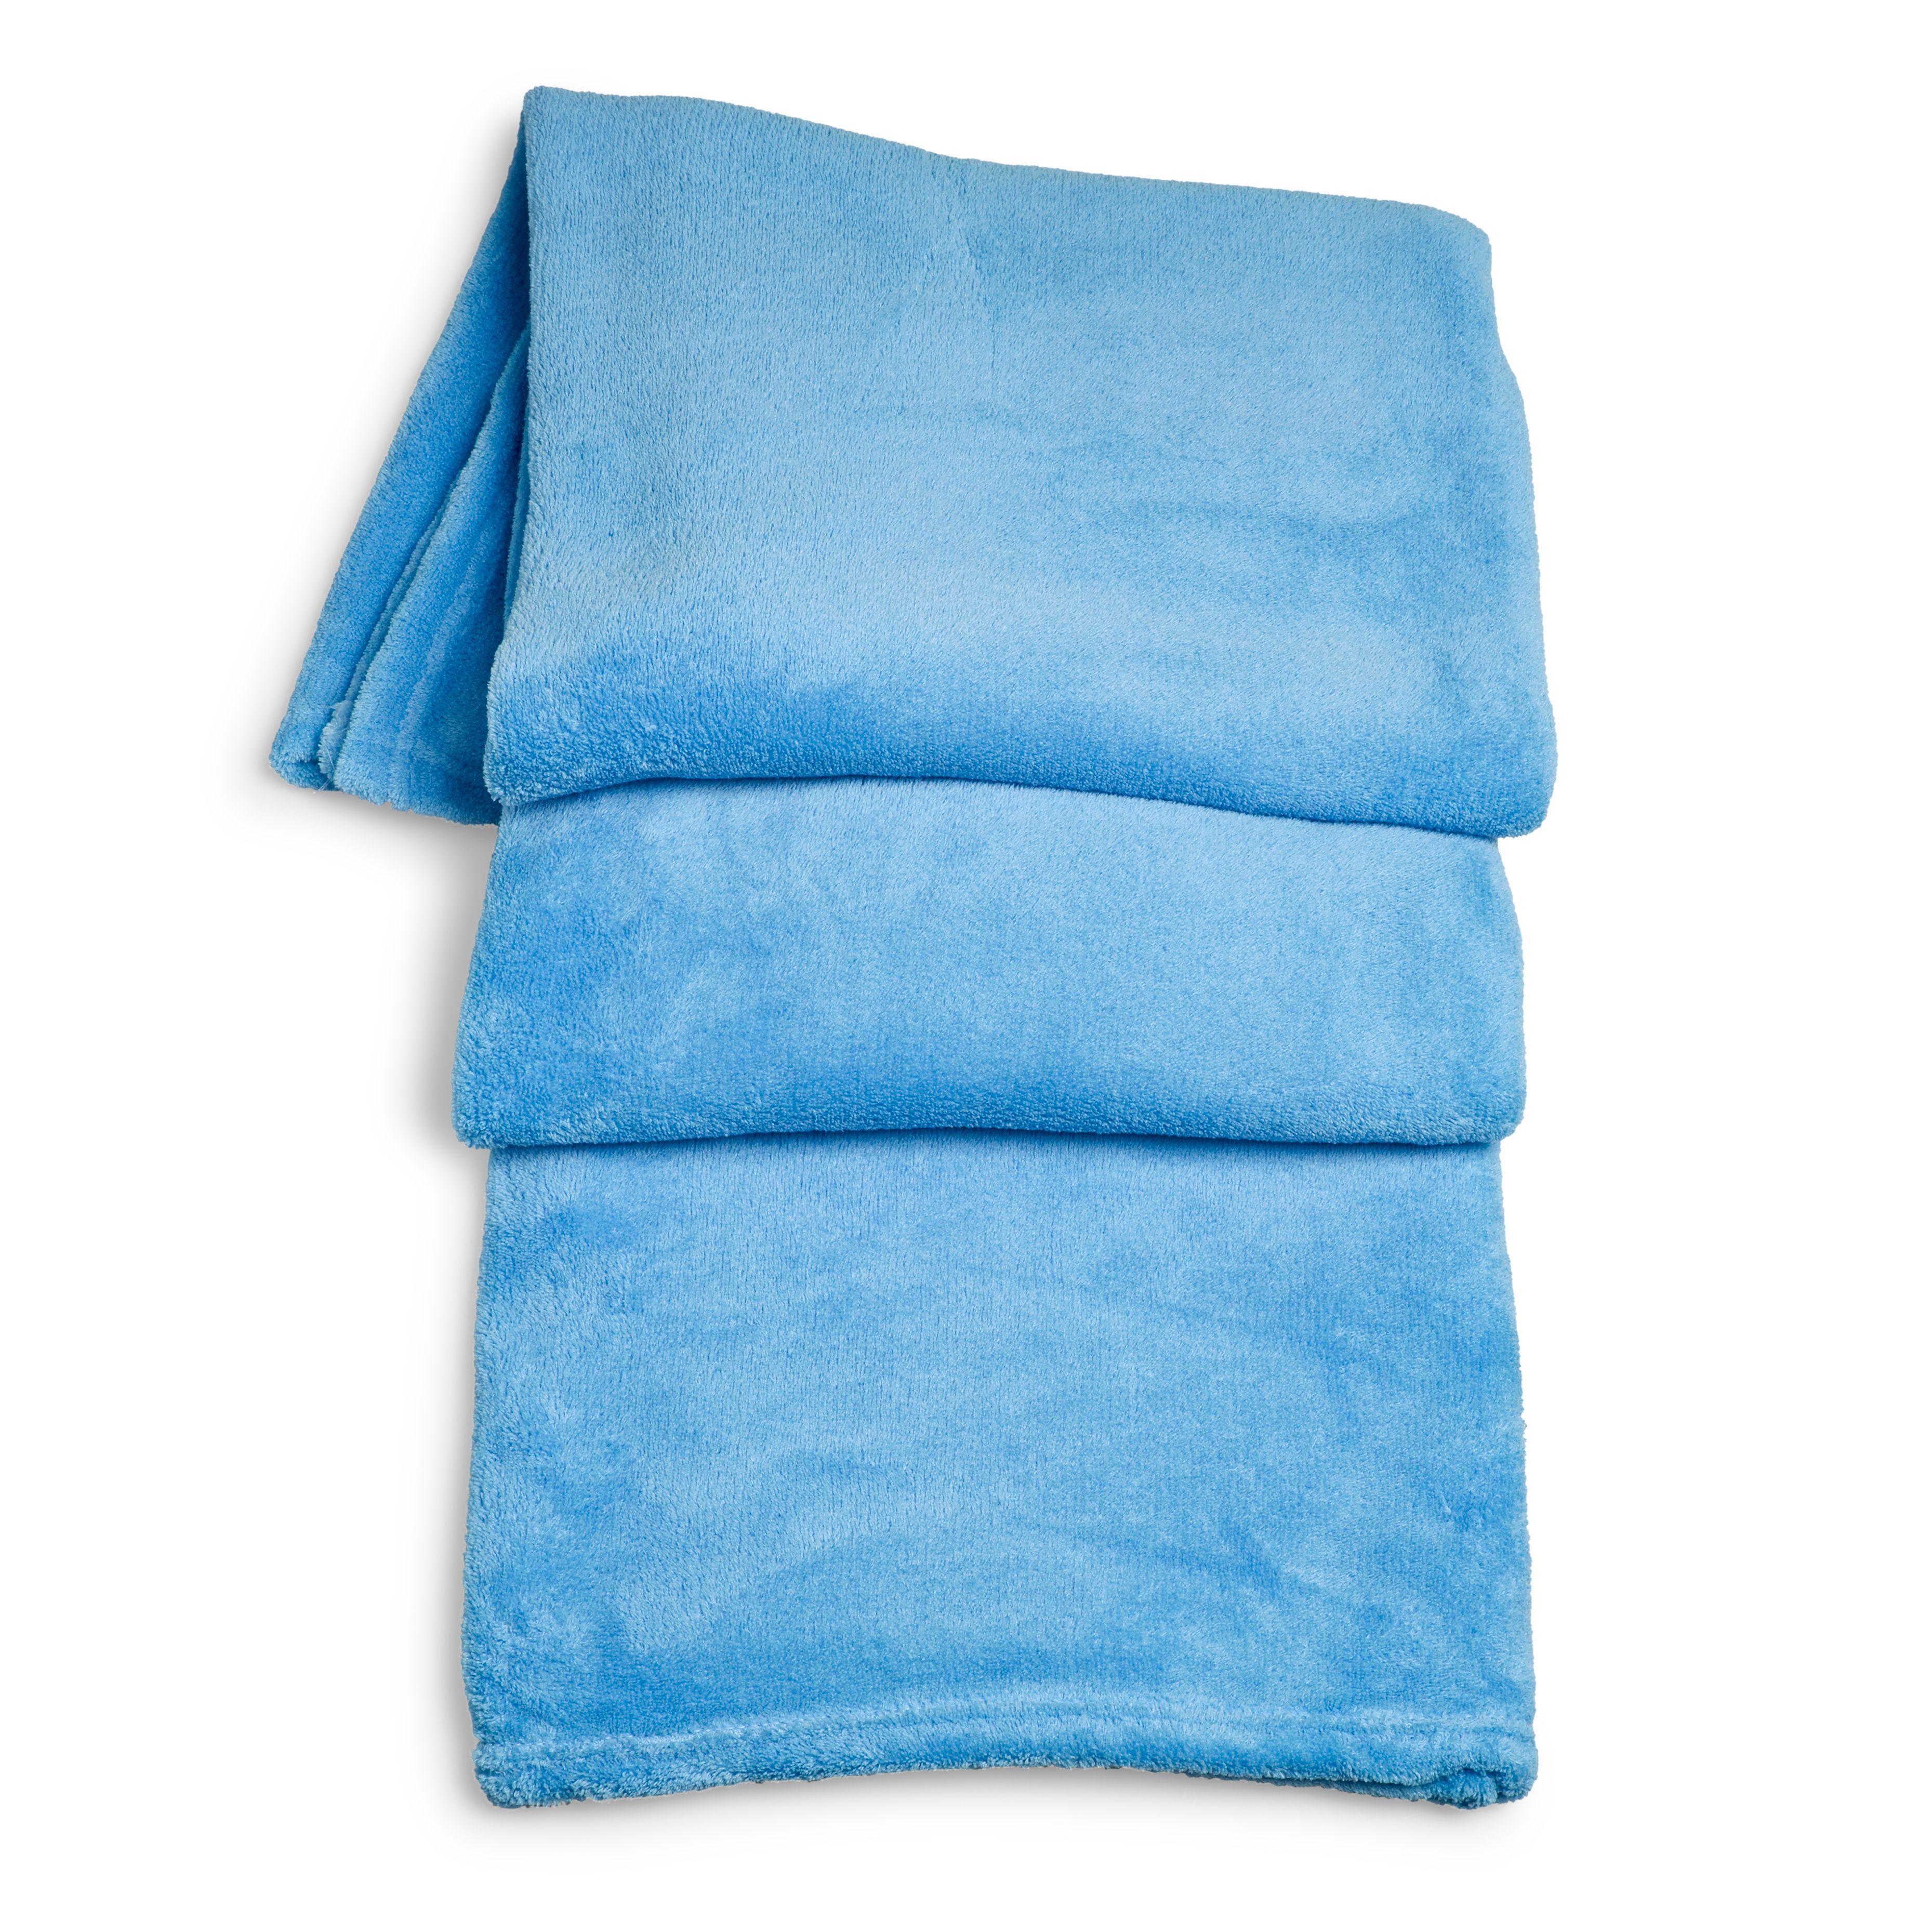 Supersoft Blue Fleece Throw